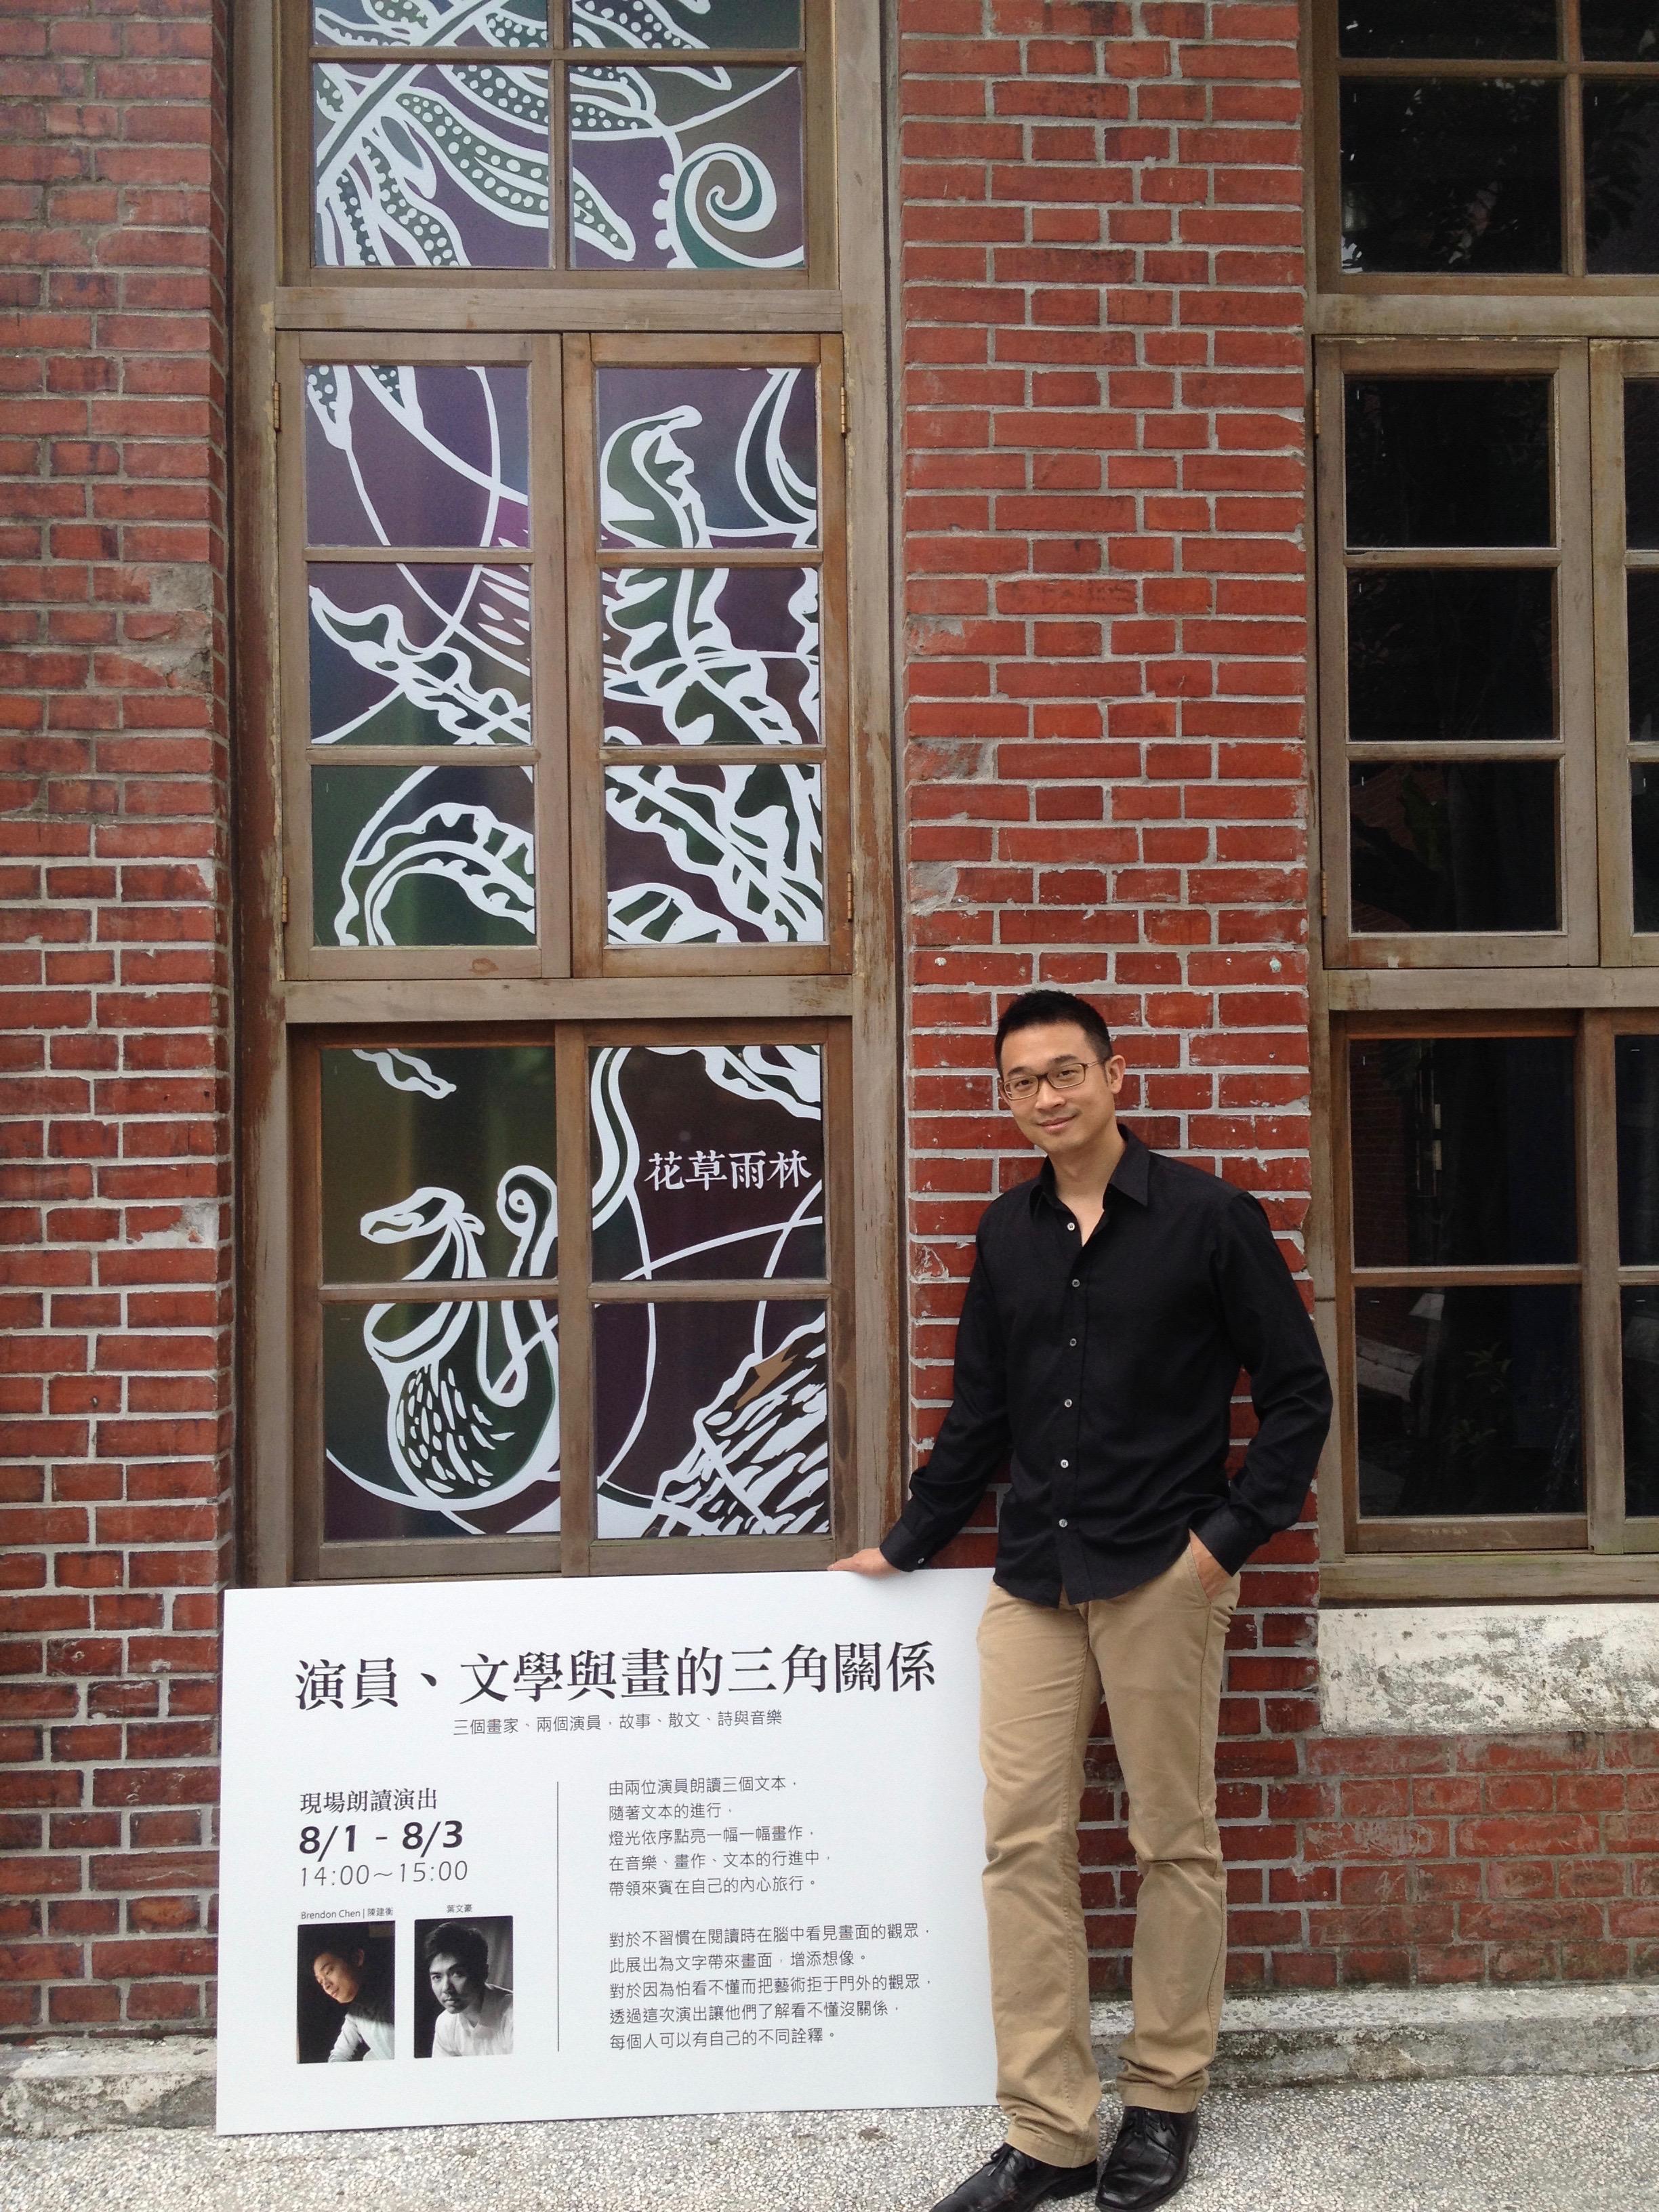 [策展] 第二屆華文朗讀節 藝術風格區 策展